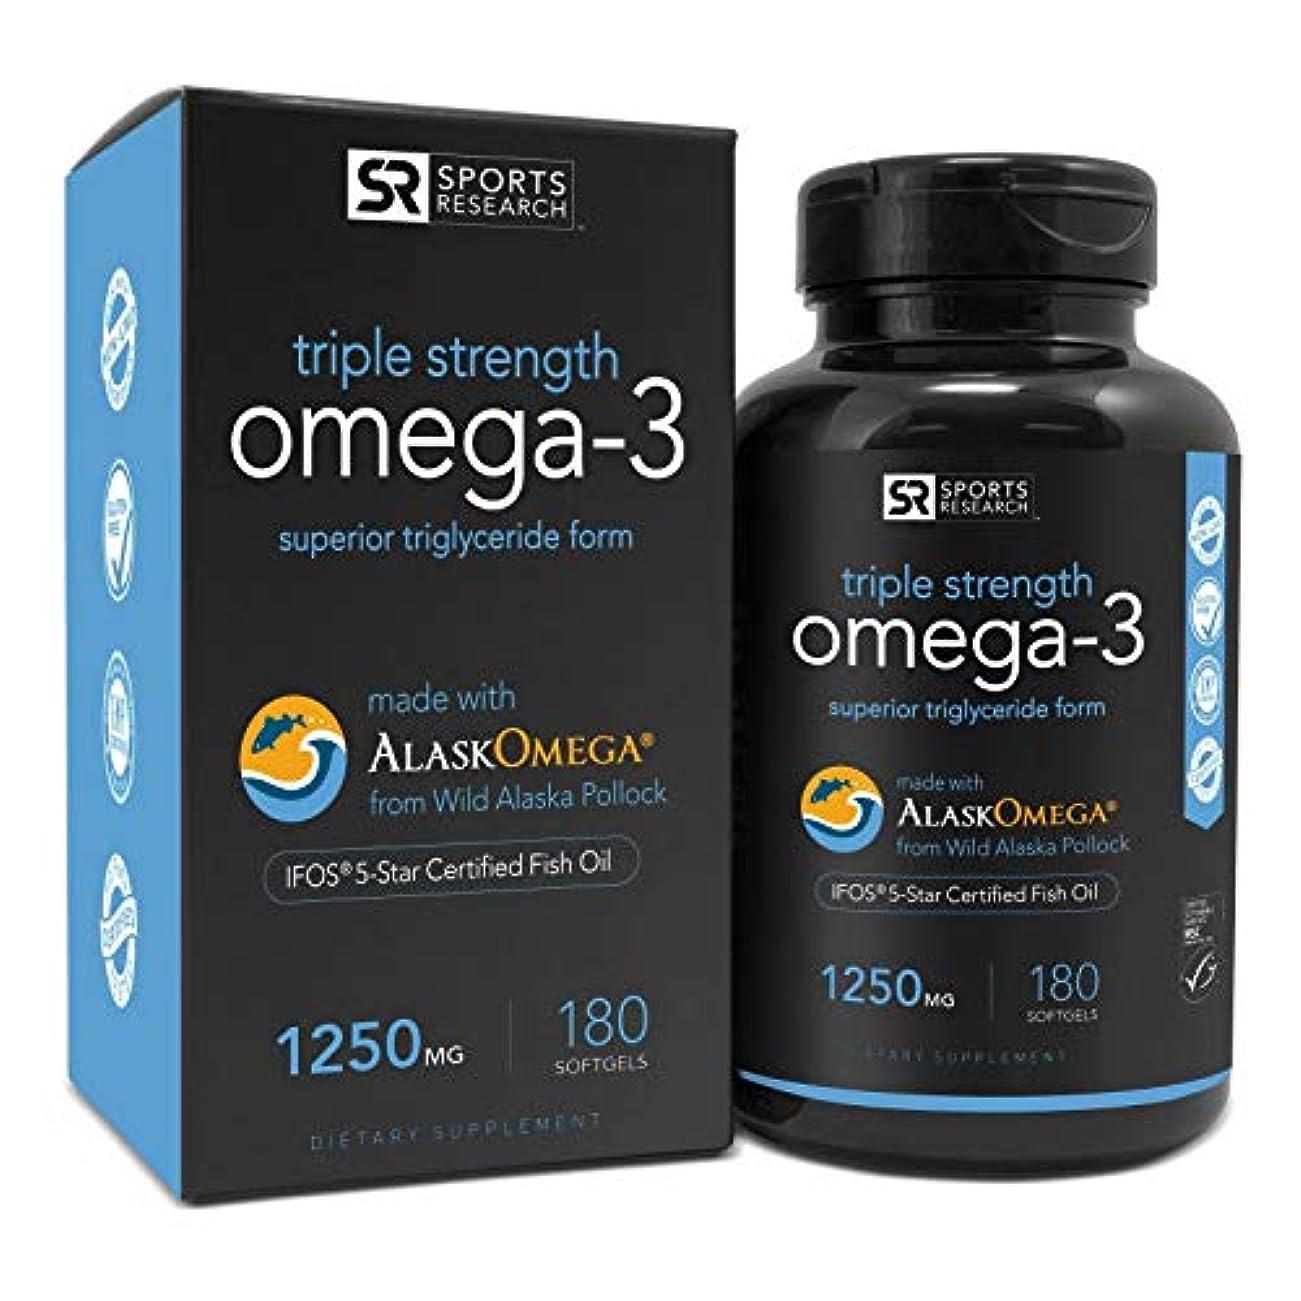 精算または着替えるOmega-3 Fish Oil 1250mg (Triple Strength) 180 gelcaps| Contains the highest levels of triglyceride Omega-3s EPA...